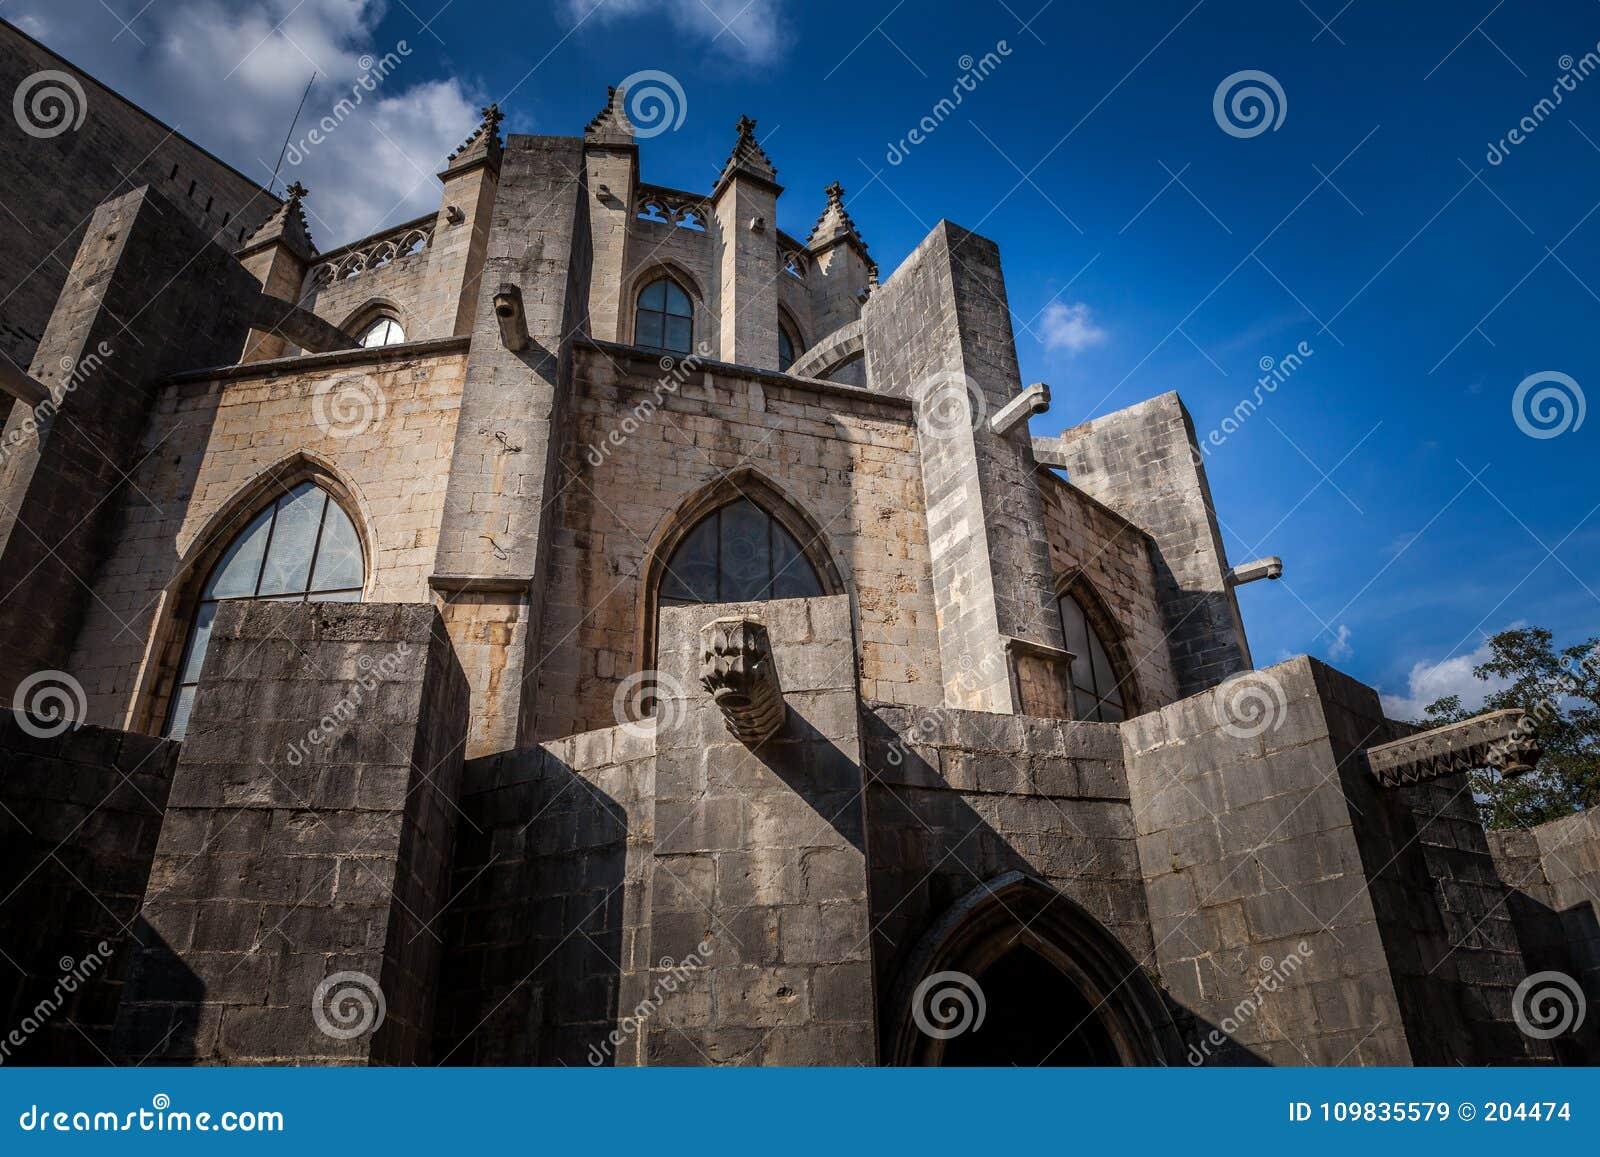 Os Arcos O Da Fachada Do Norte Da Catedral De Girona Sao Uma Igreja